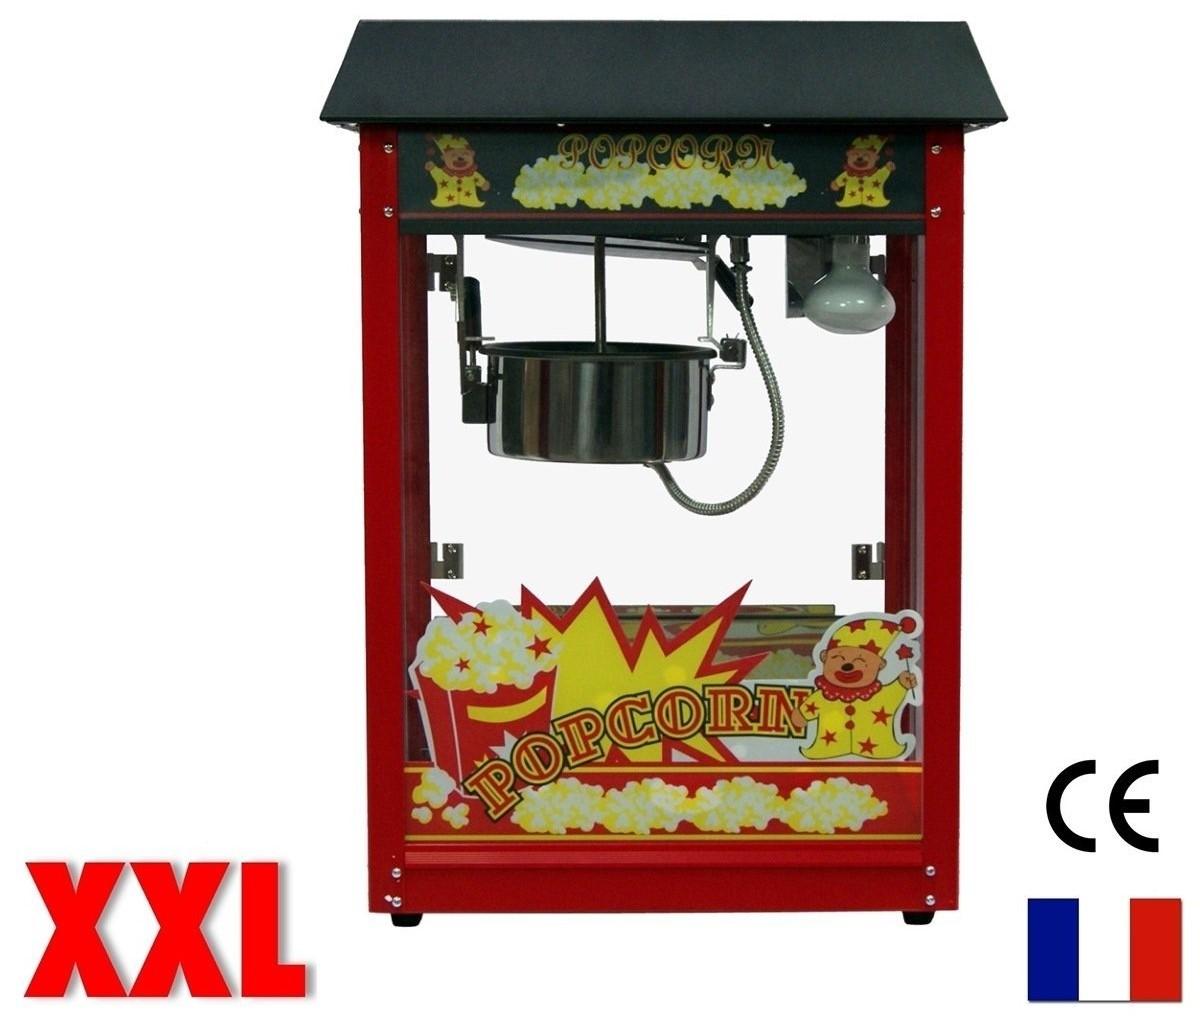 Popcorn xxl copie 2